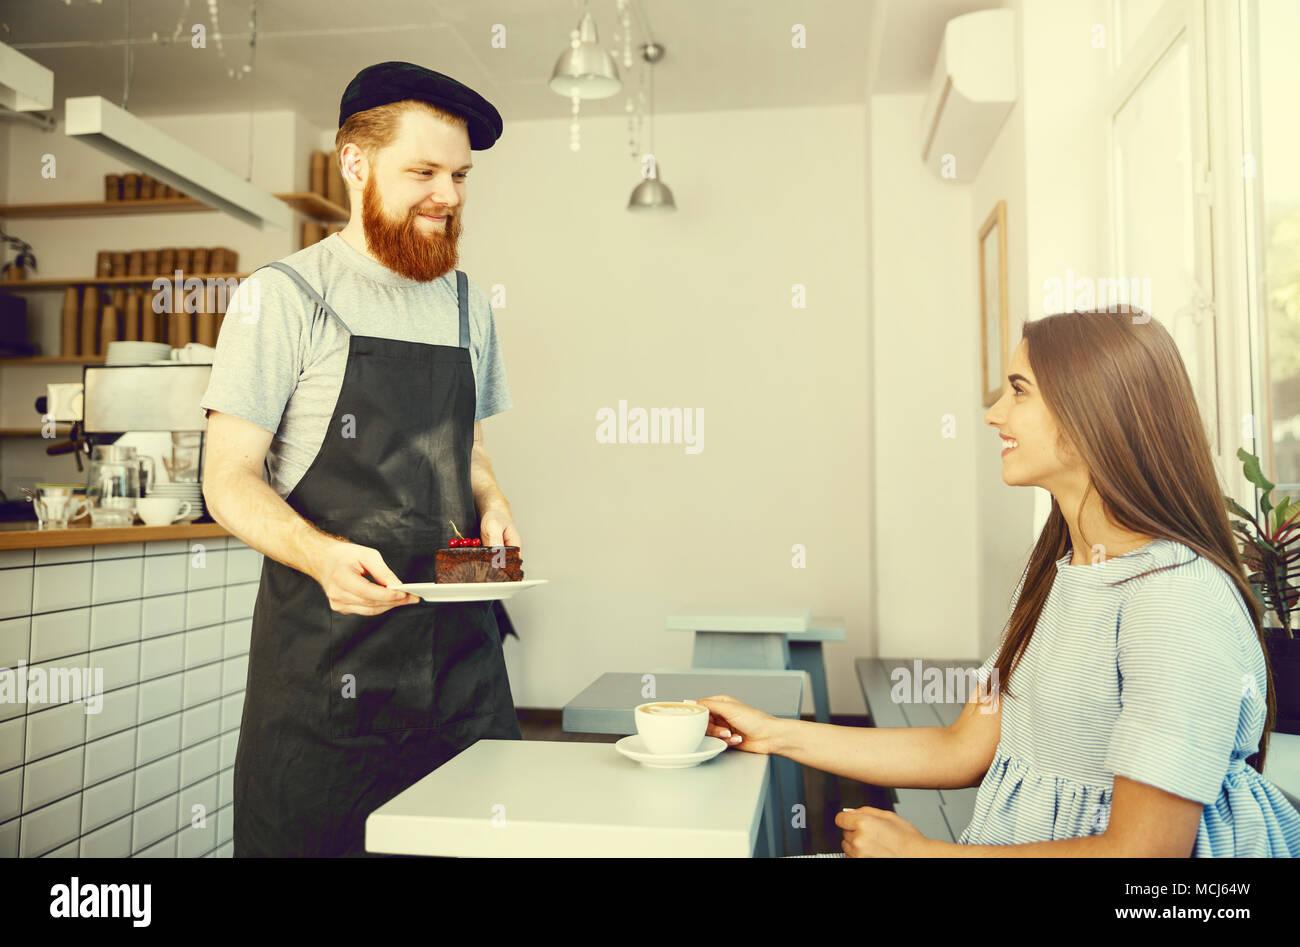 Caffè il concetto di Business - cameriere o barista dando una torta al cioccolato e parlare con caucasian bella signora in vestito blu presso la caffetteria. Immagini Stock